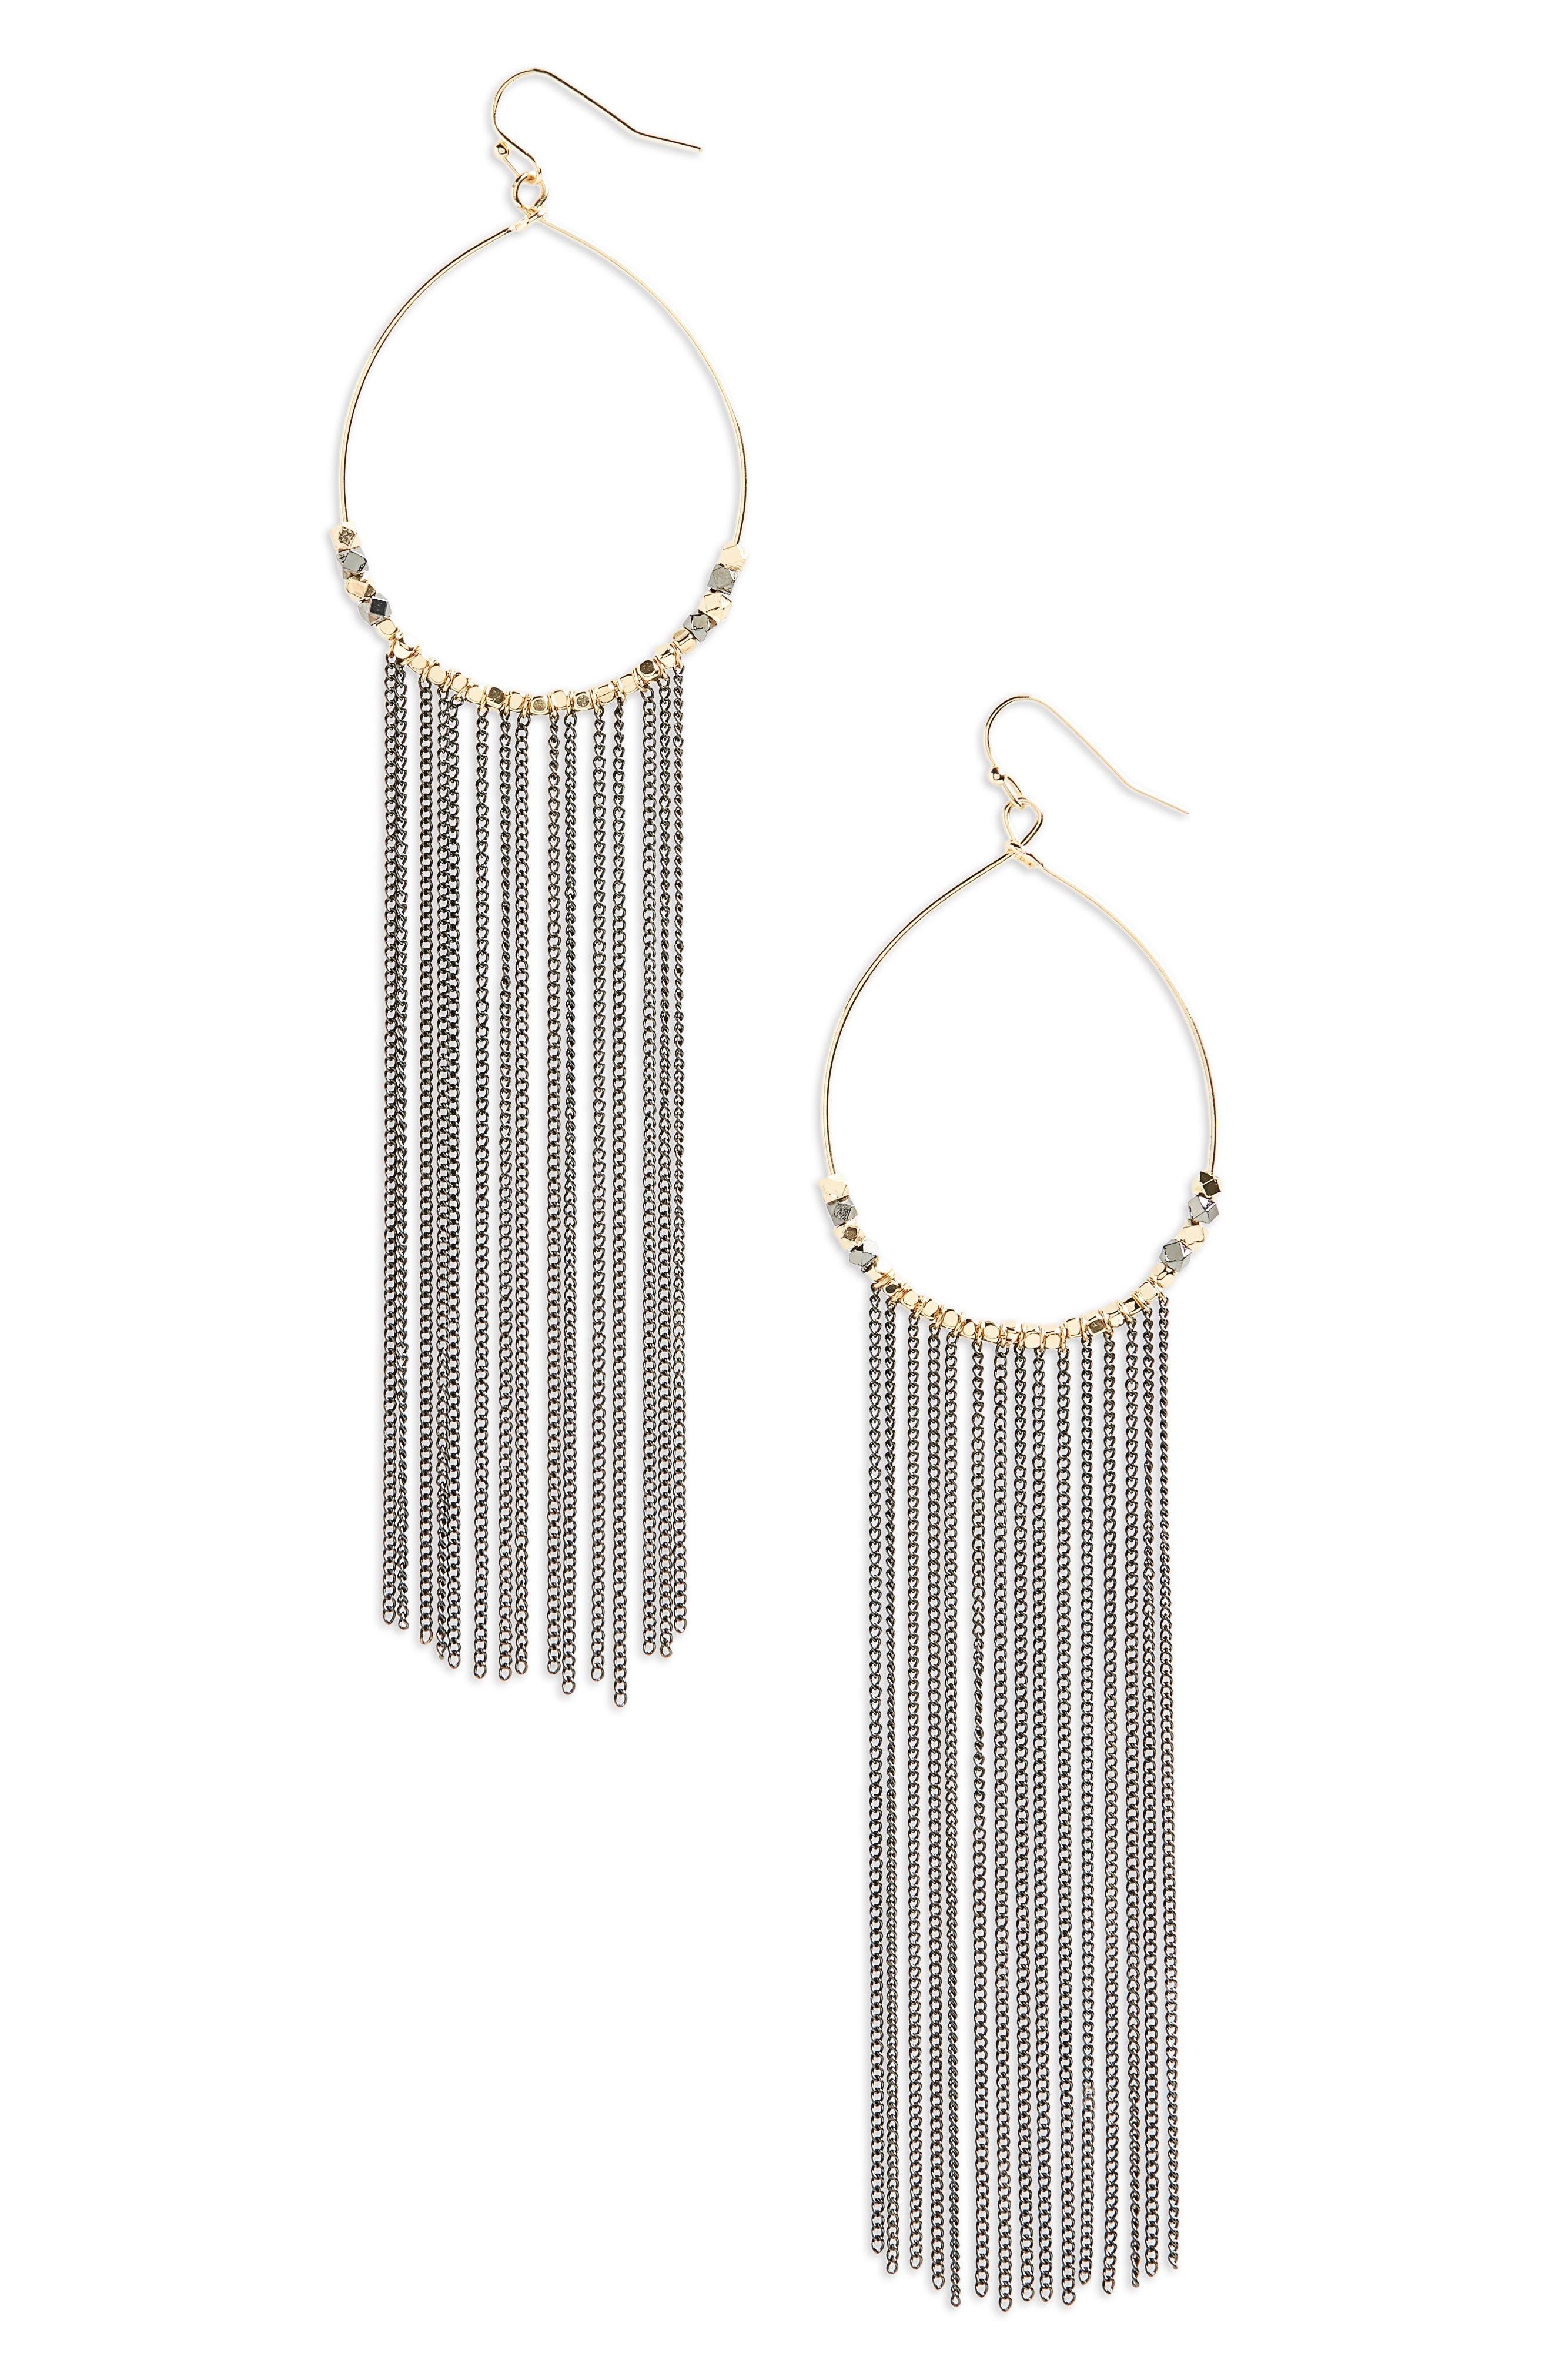 Main Image - Panacea Chain Fringe Hoop Earrings